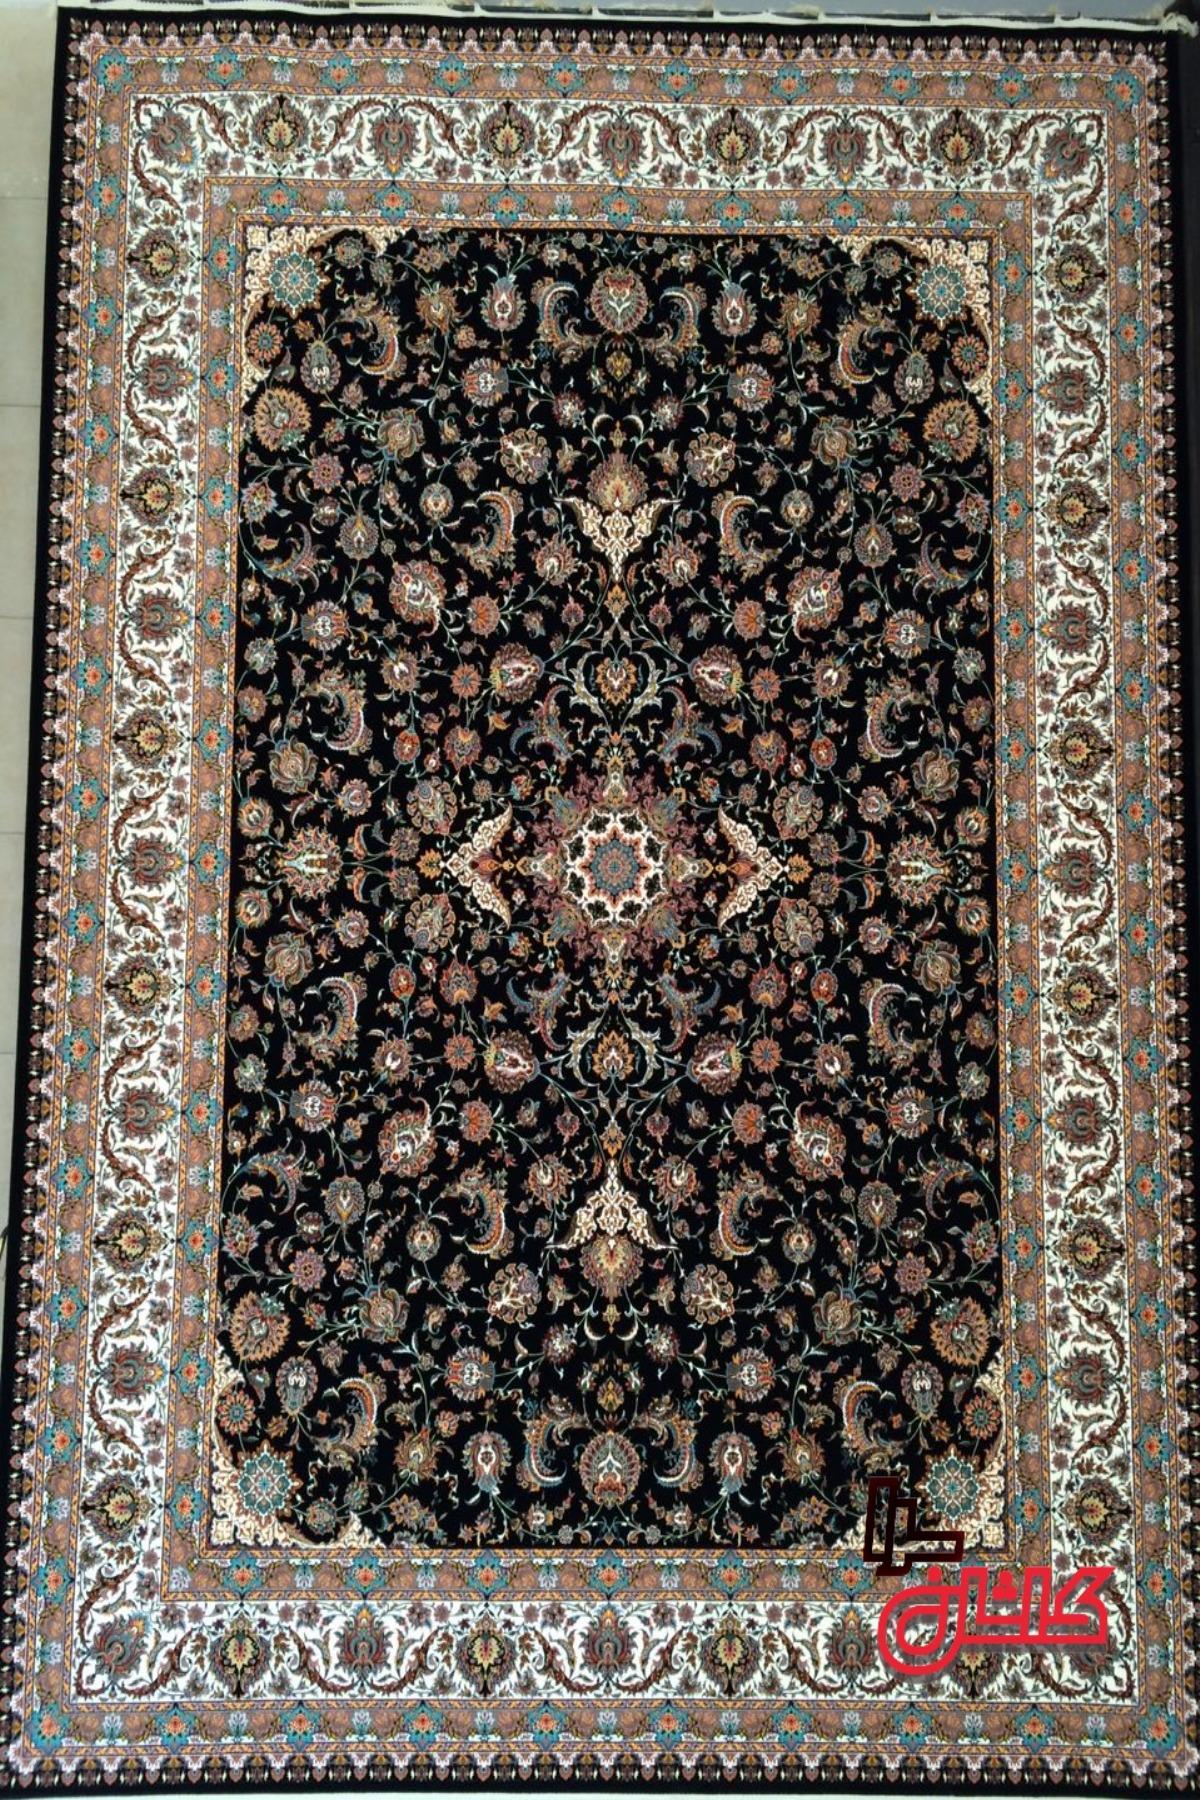 ۷۱۳۰-Sorme-1200-Diplomat-Carpet